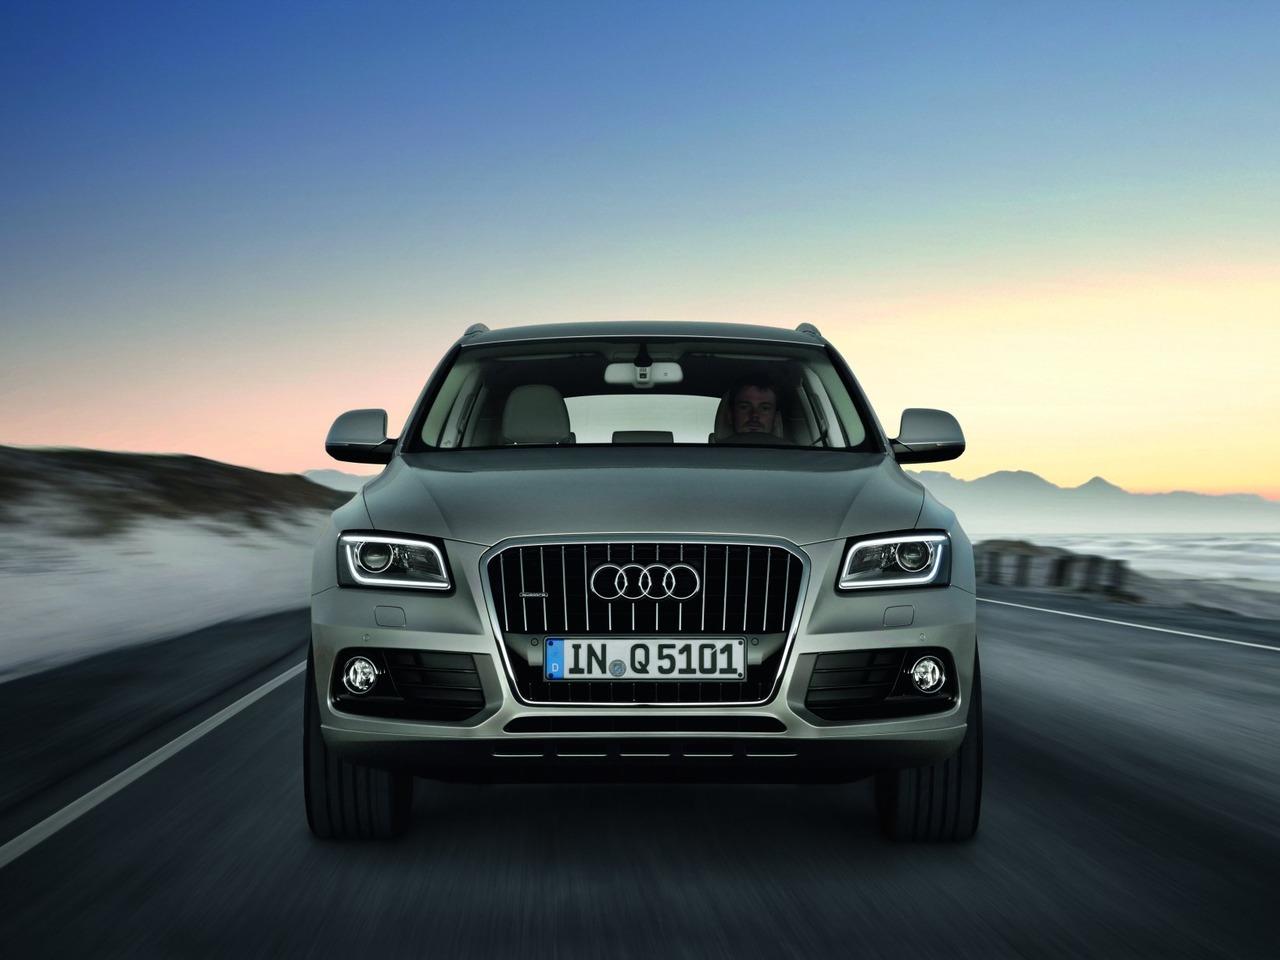 Снимки: Audi Q5 Facelift